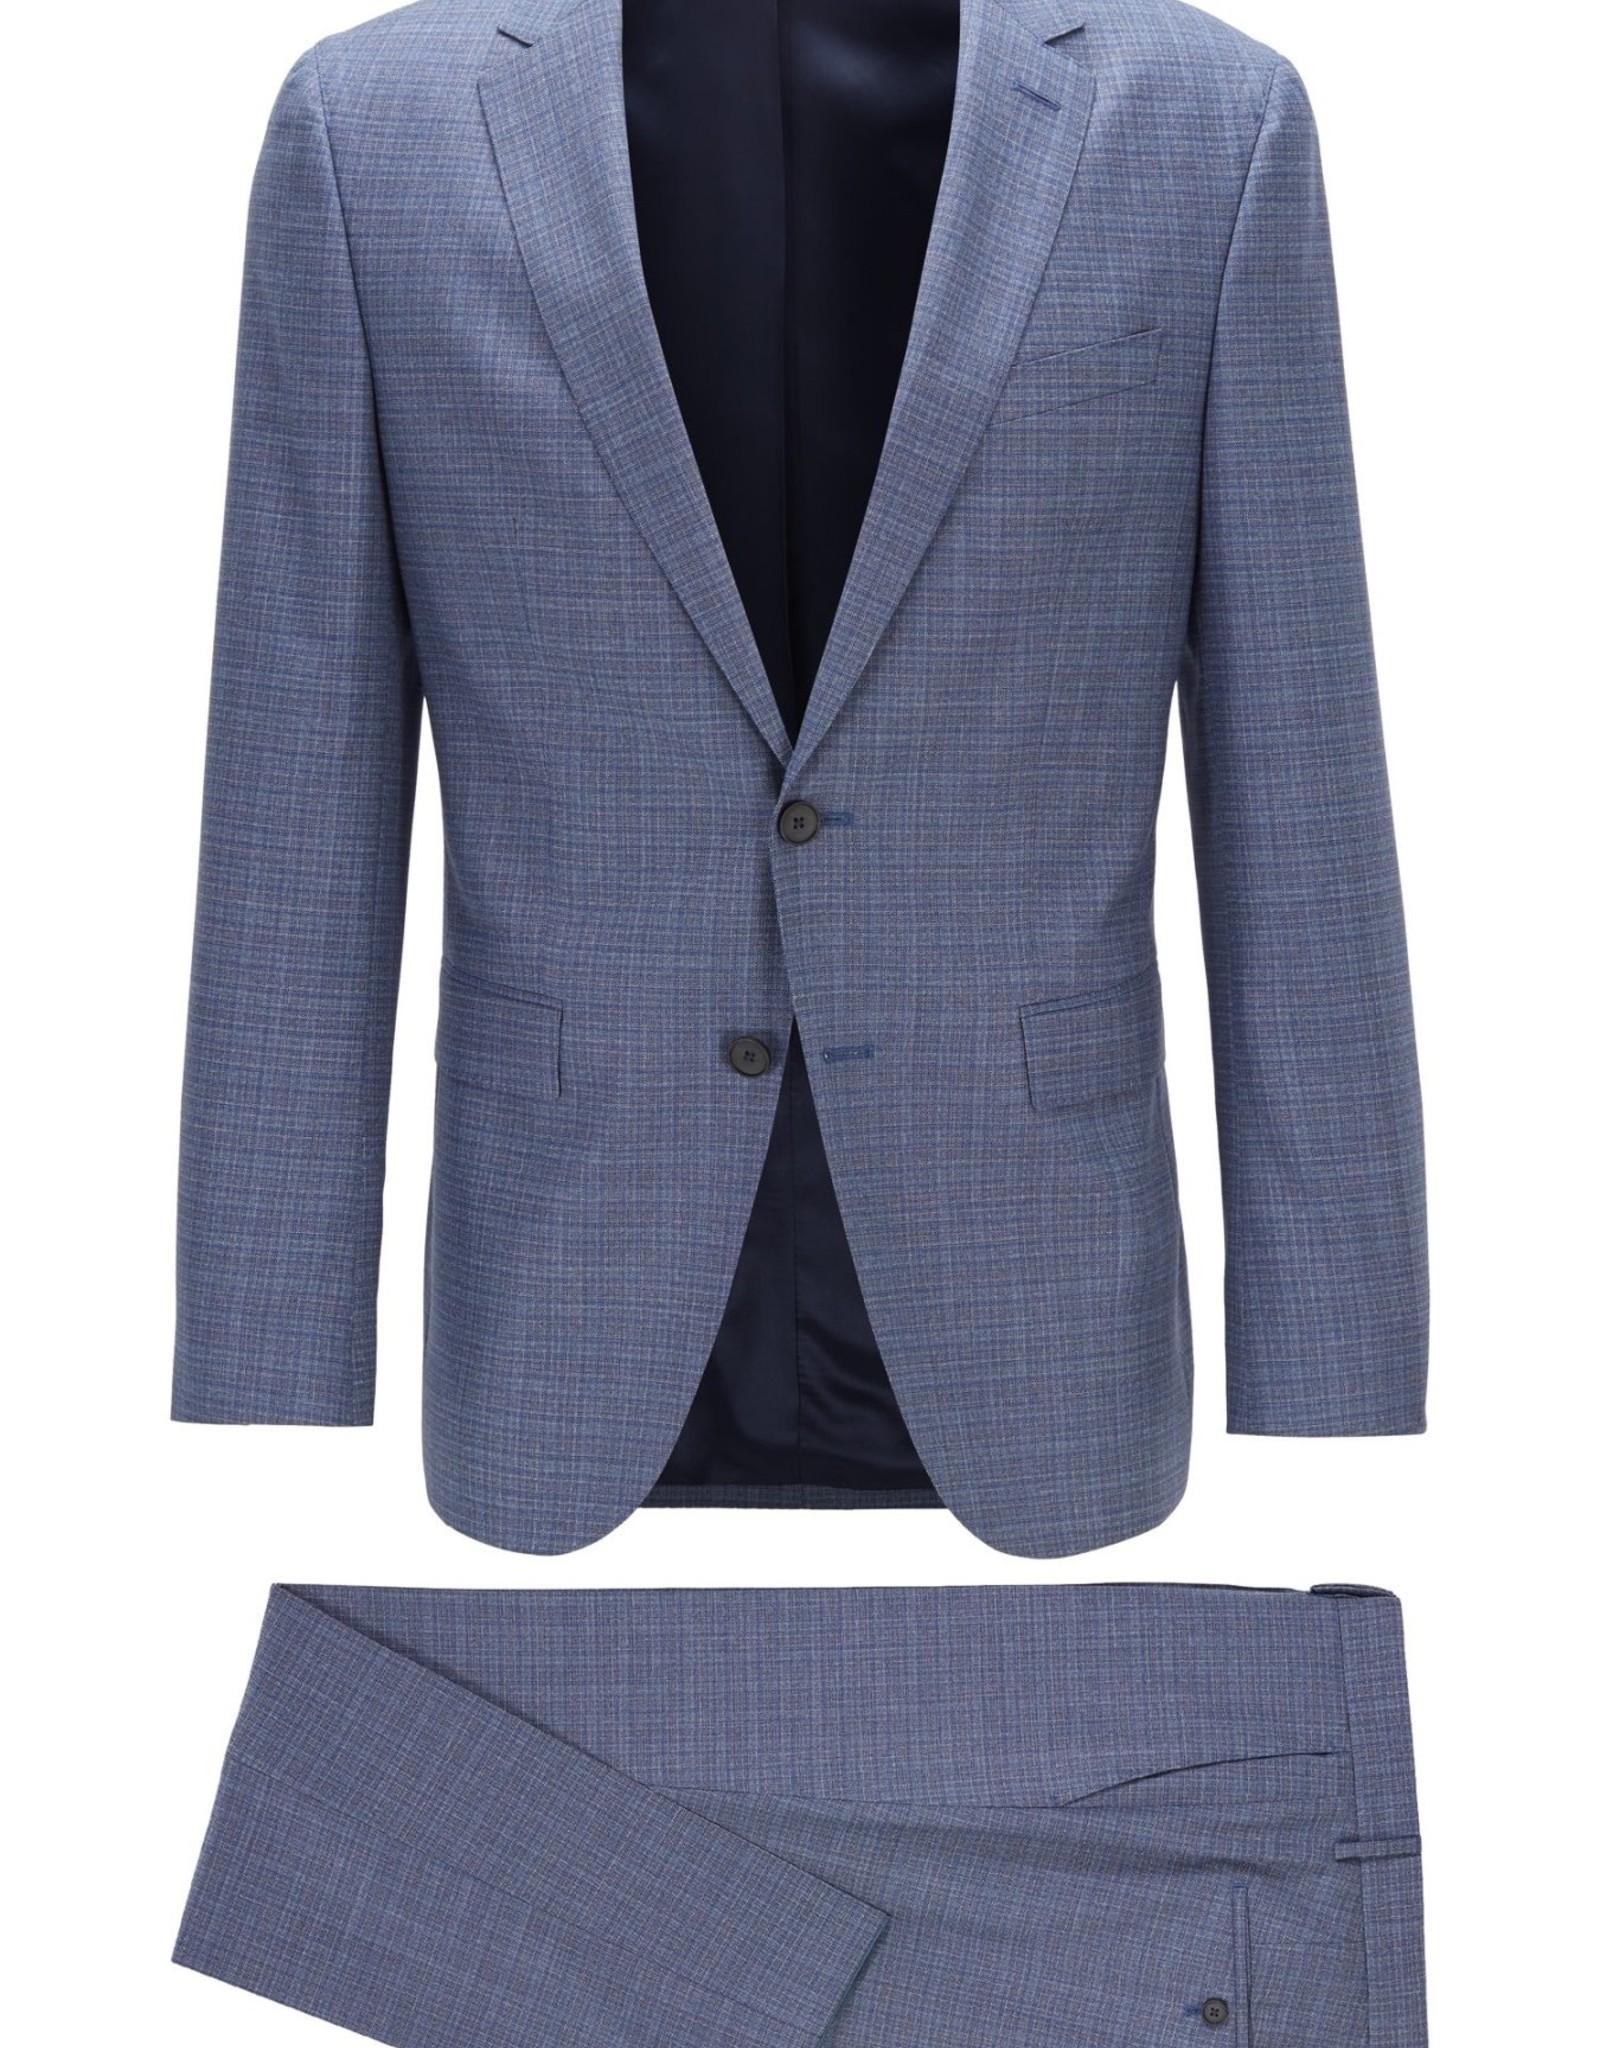 Hugo Boss Hugo Boss Novan/Ben Suit